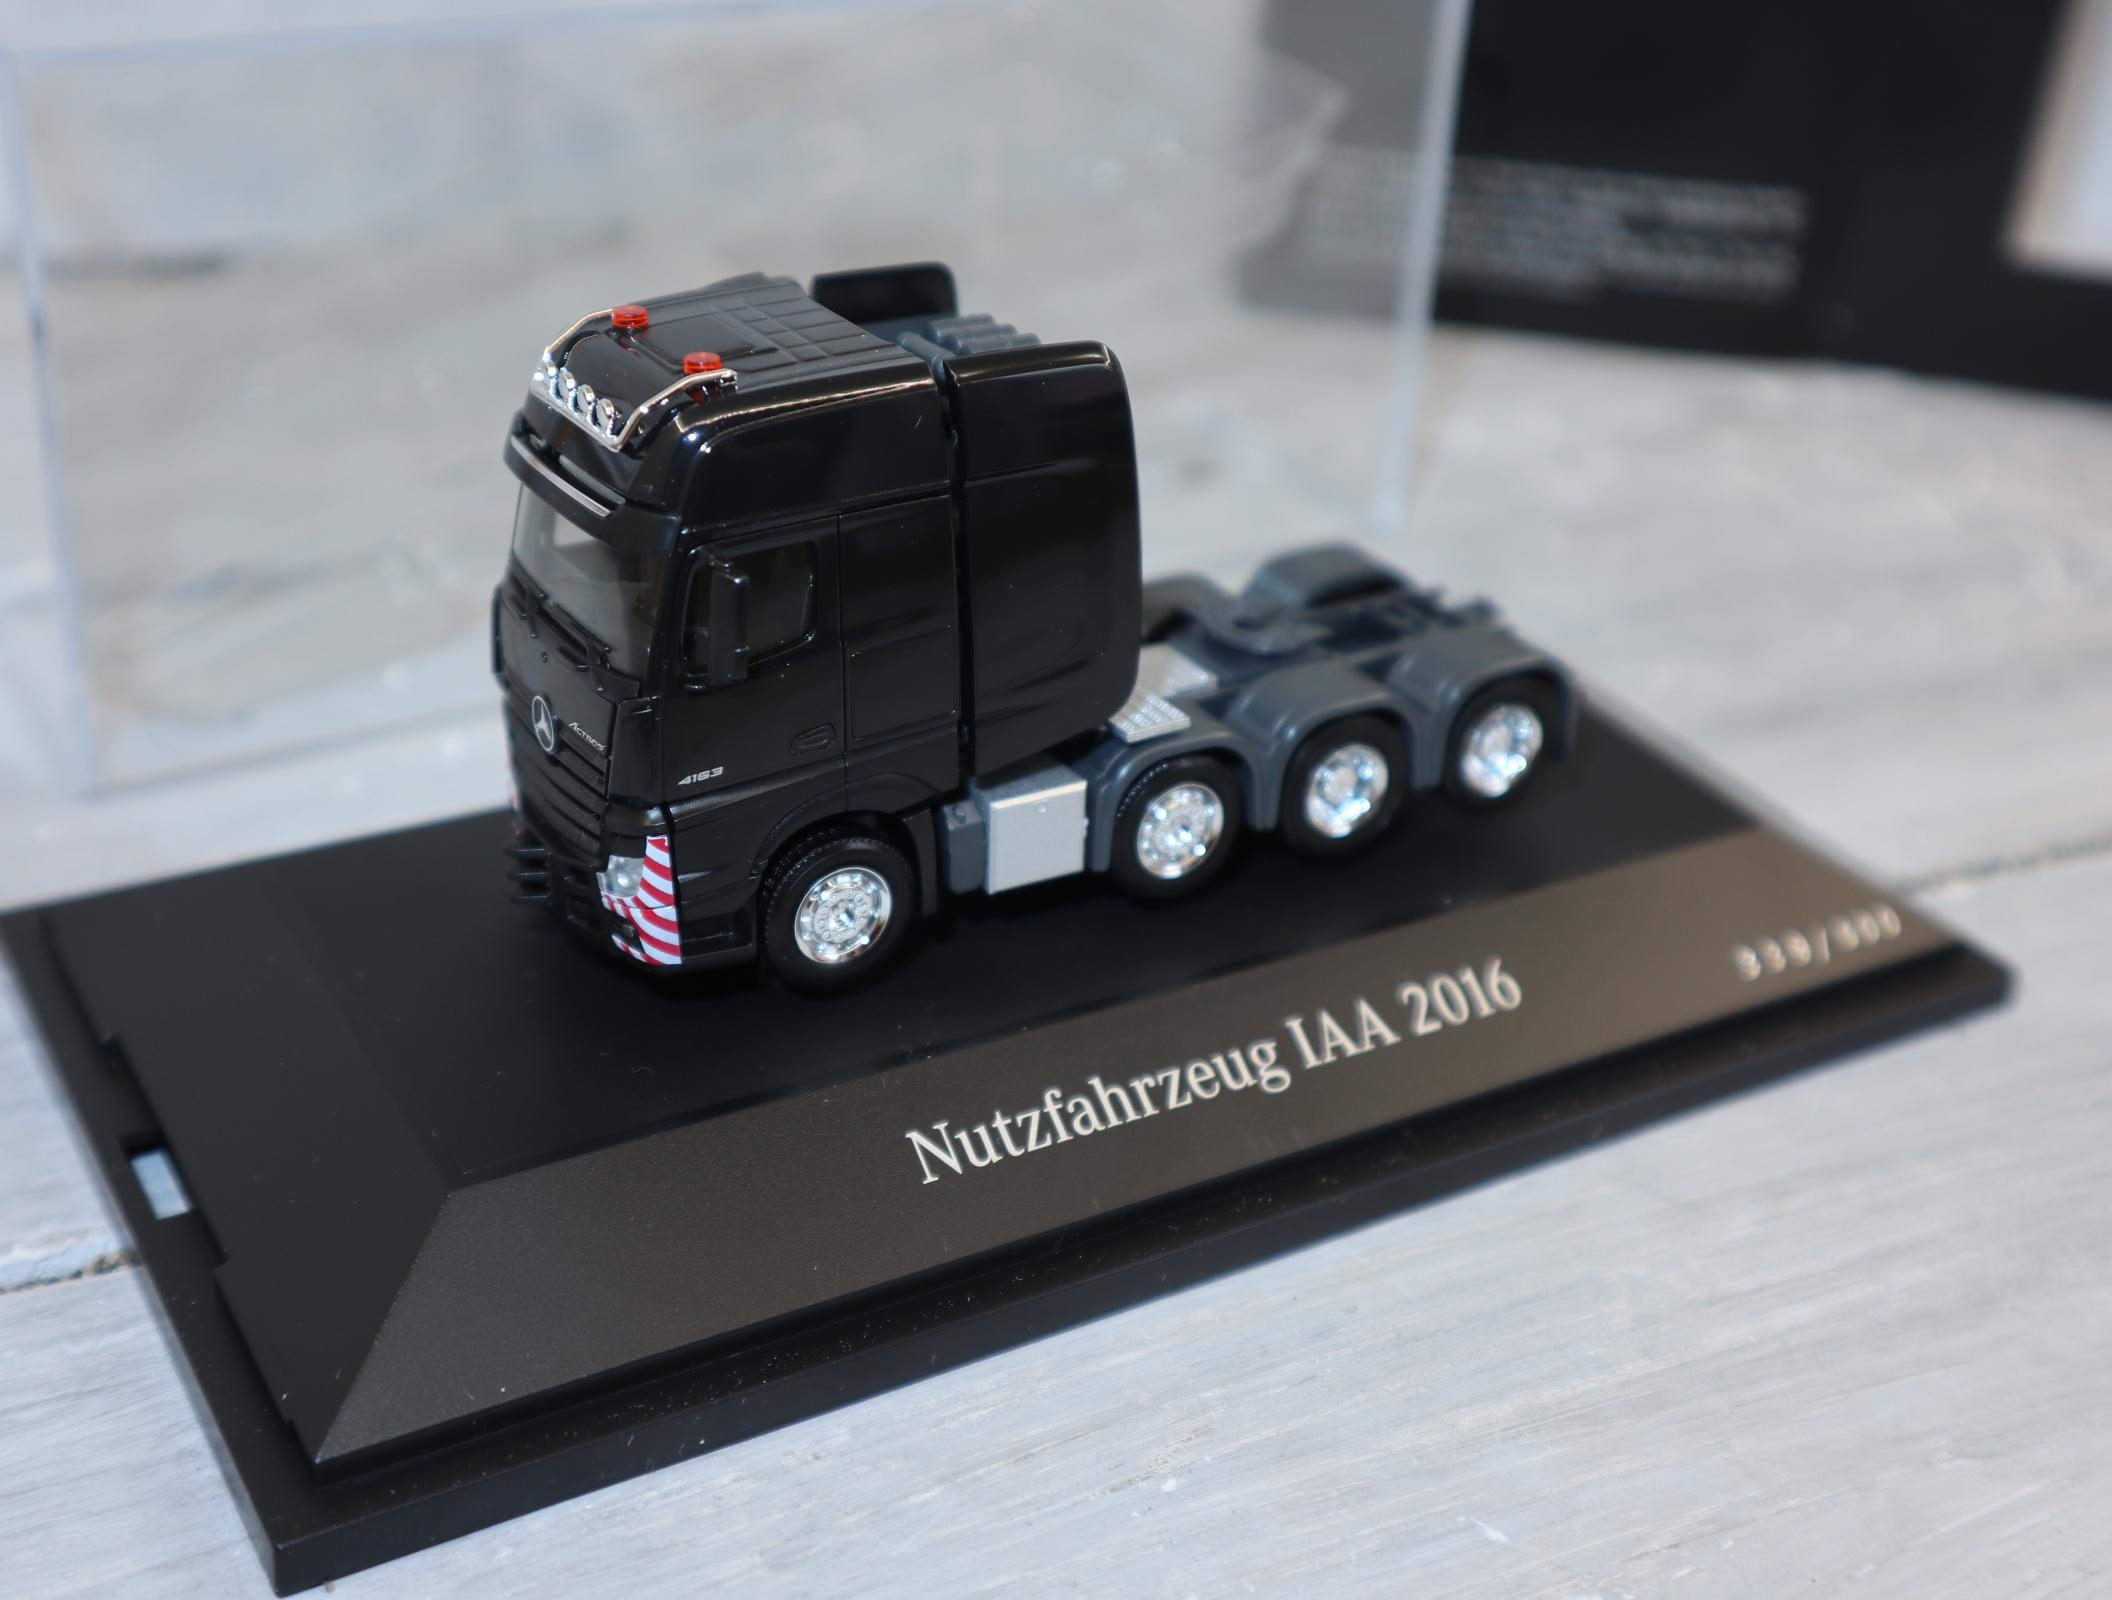 HERPA 1:87 Sondermodell 500 Stück MB ACTROS SLT schwarz zur IAA 2016, durchnummeriert, NEU in OVP